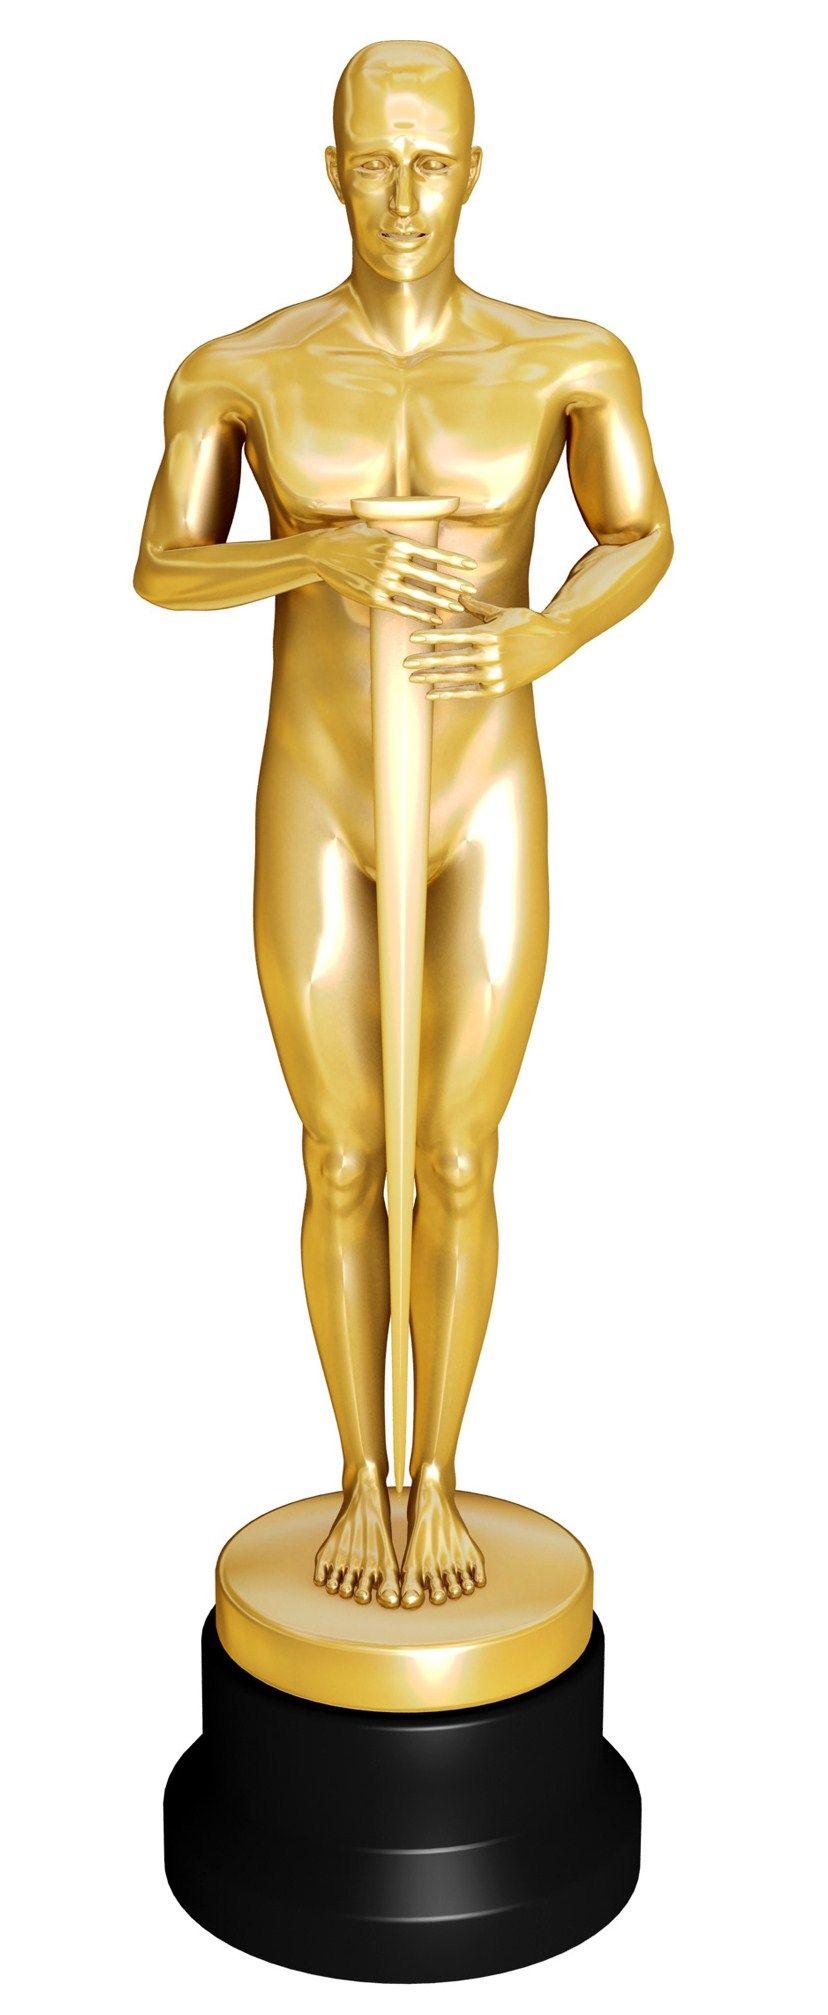 trophy clipart oscar award